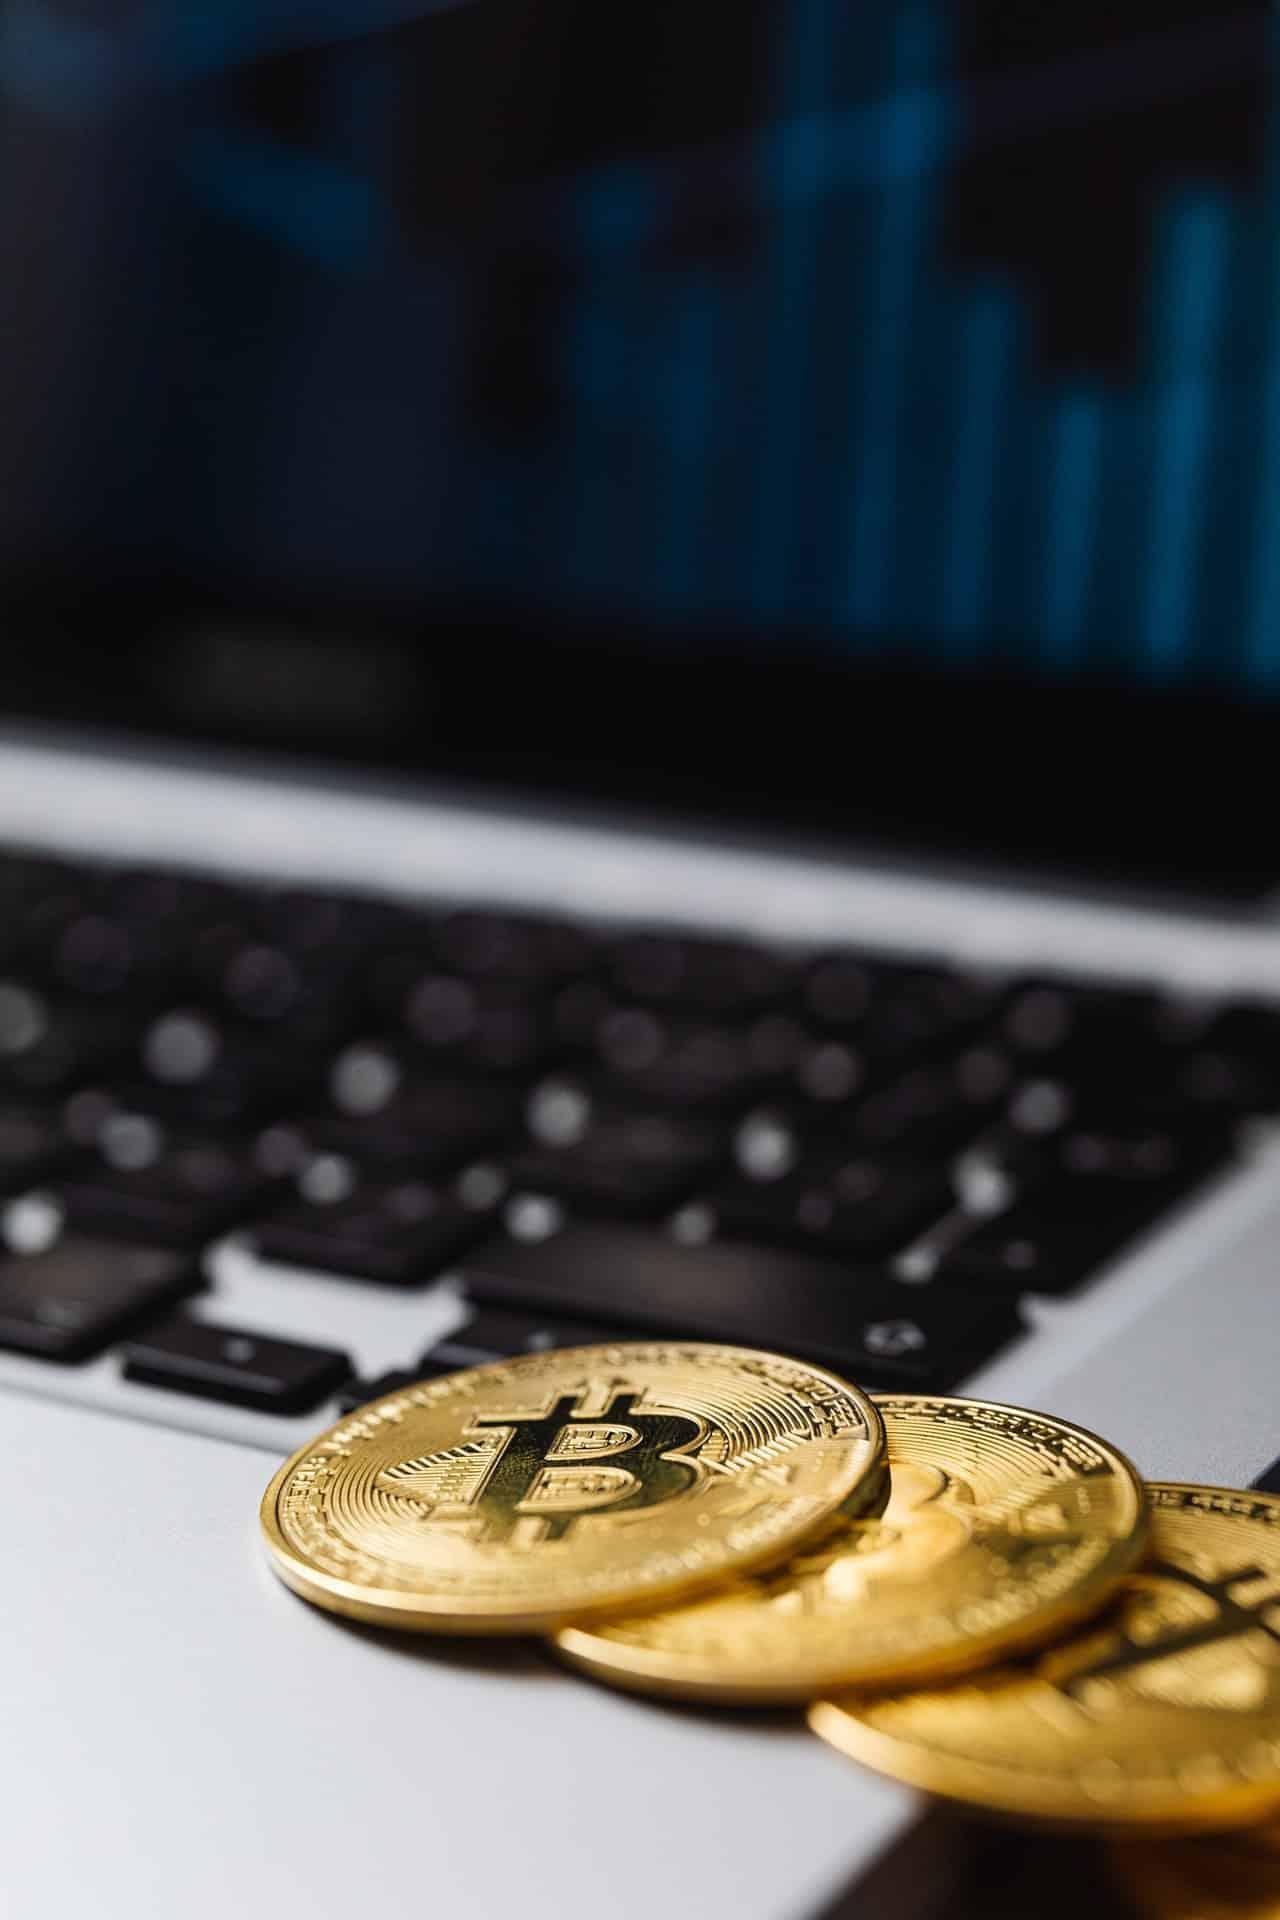 Reasons Use Bitcoin Article Image